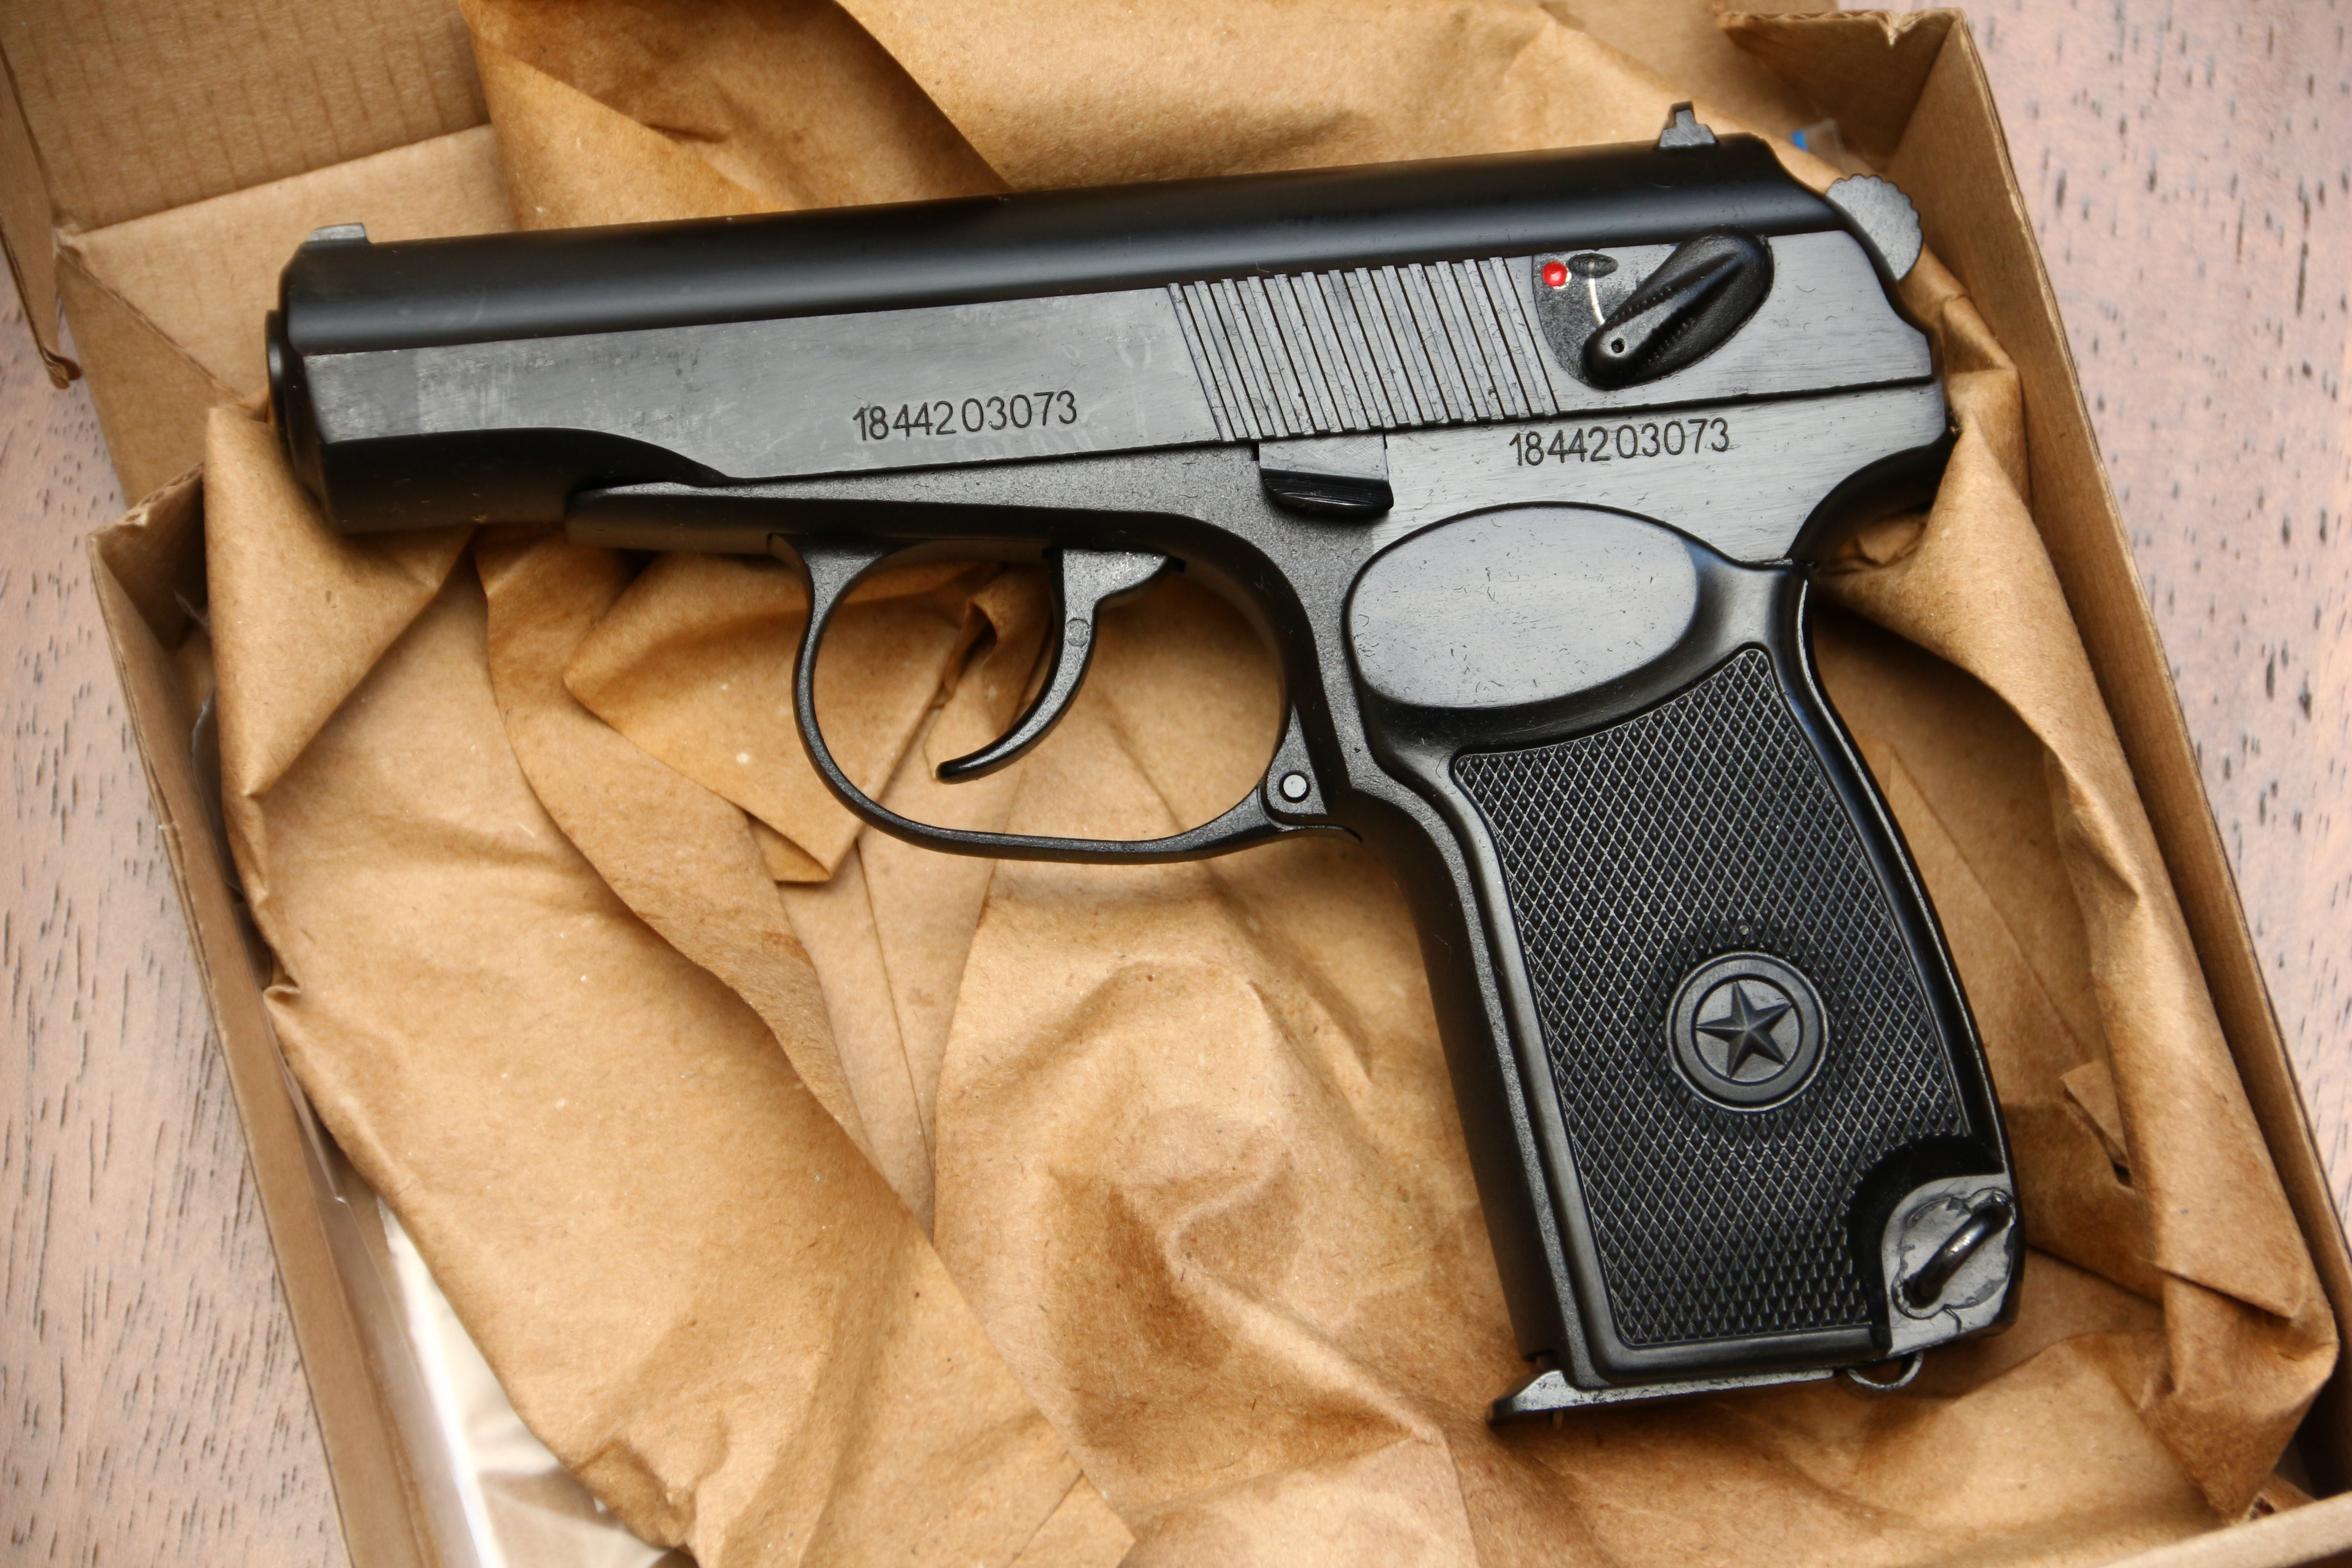 Фото Охолощенный пистолет Макарова Р-411 №1844203073